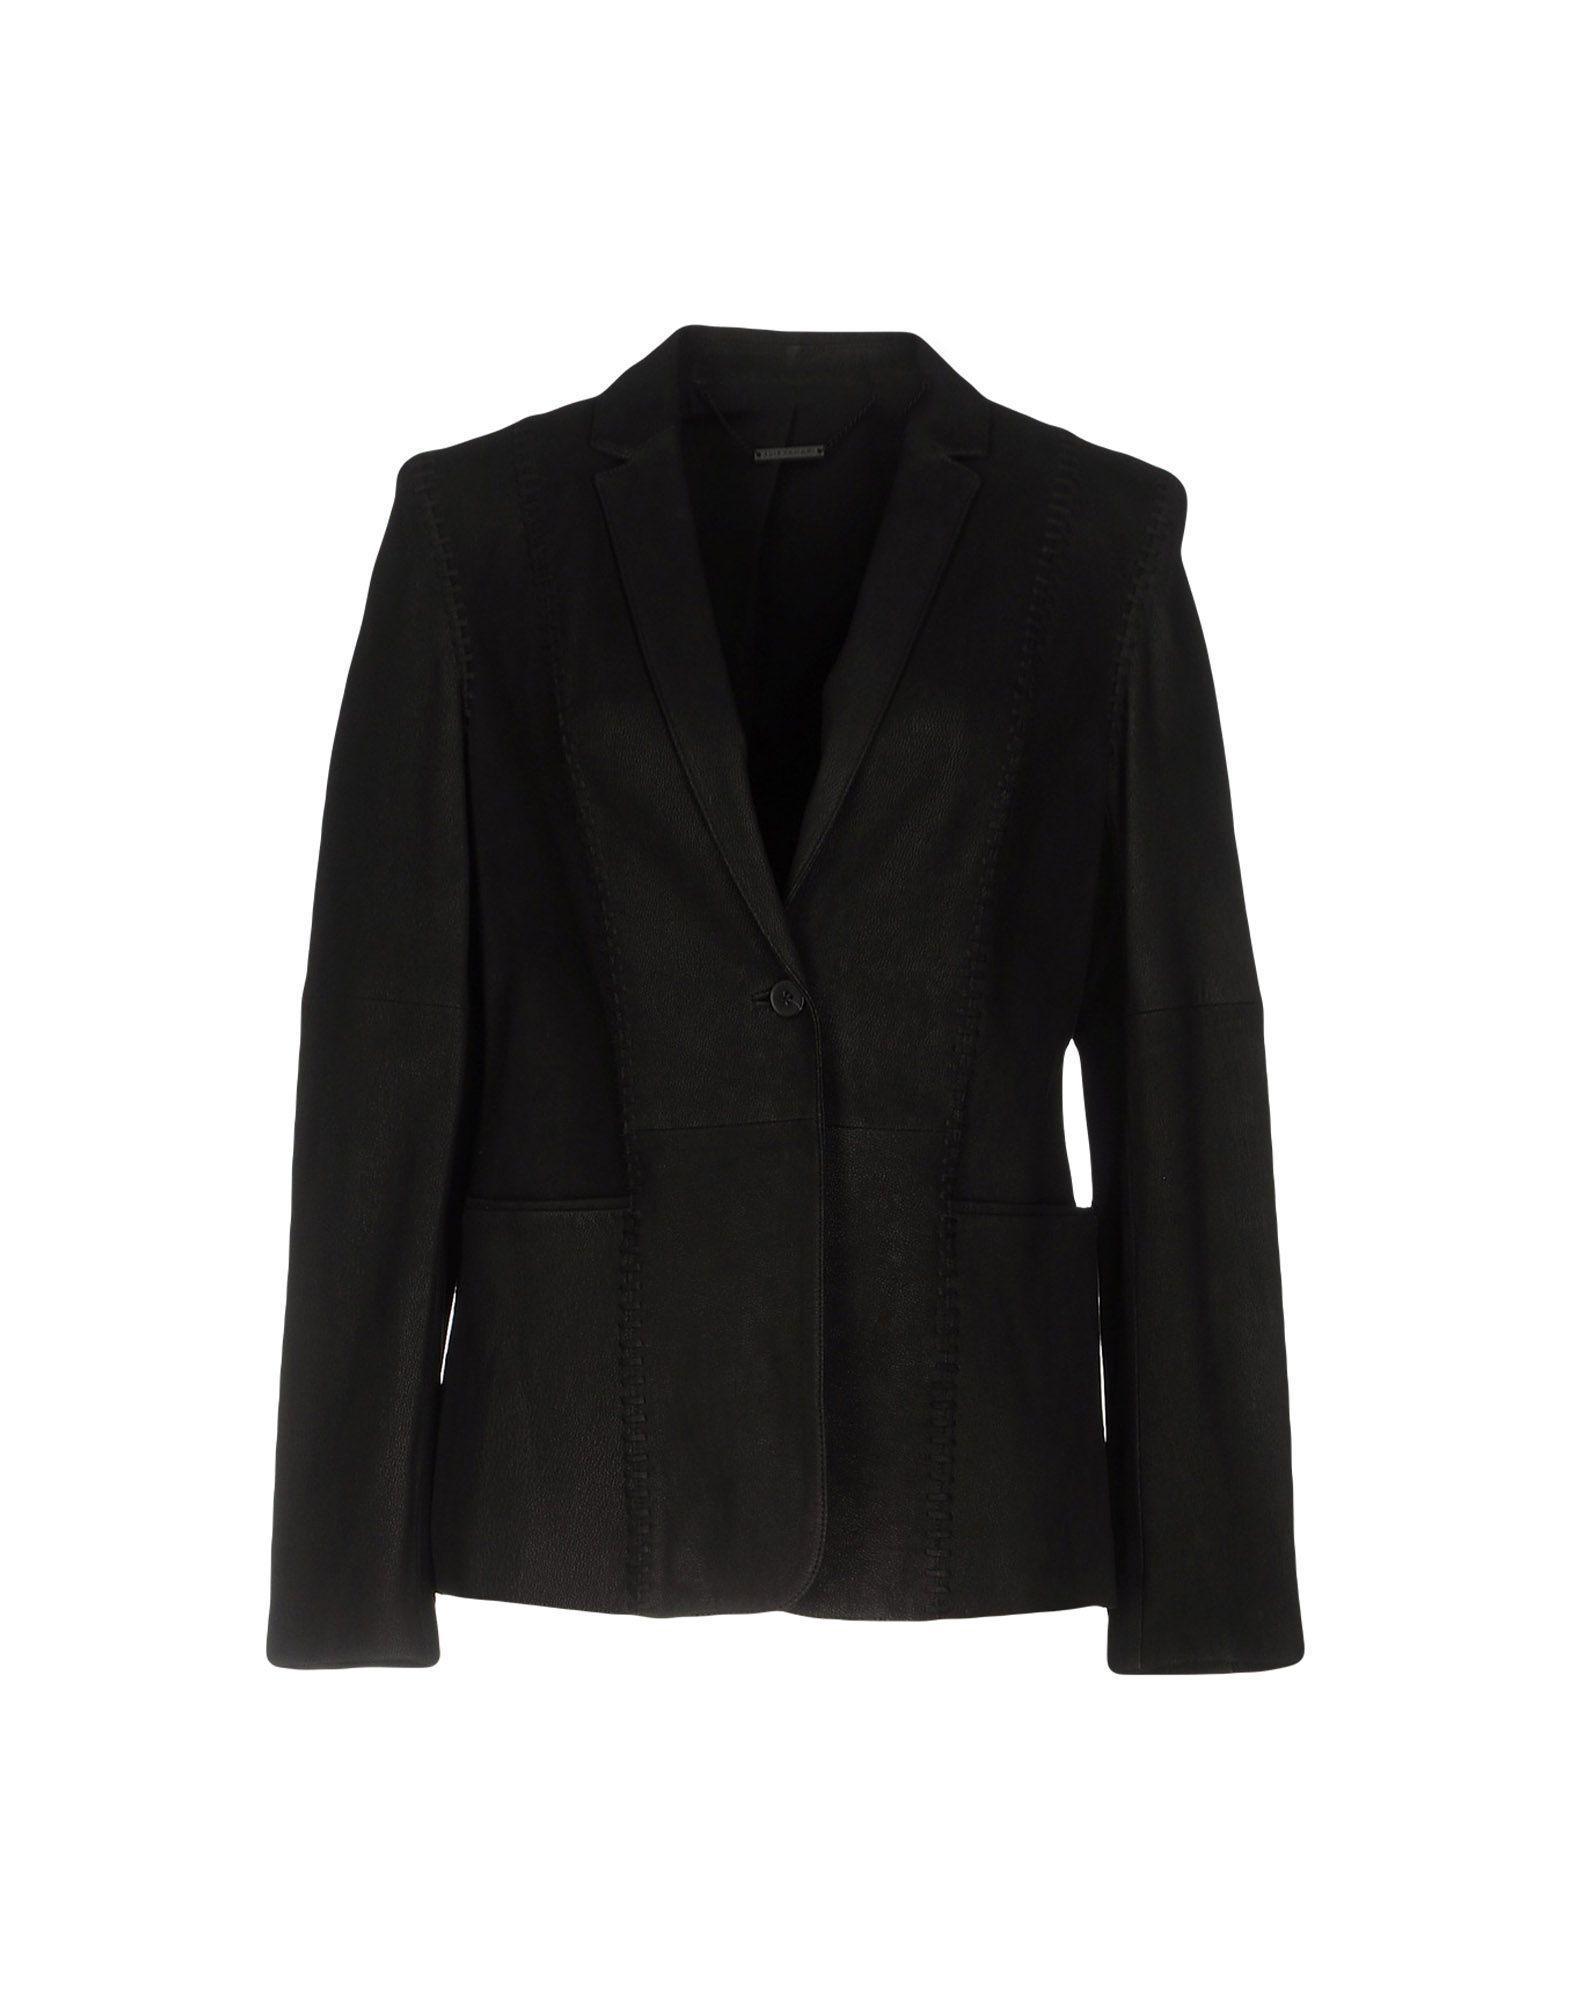 Elie Tahari Blazer In Black